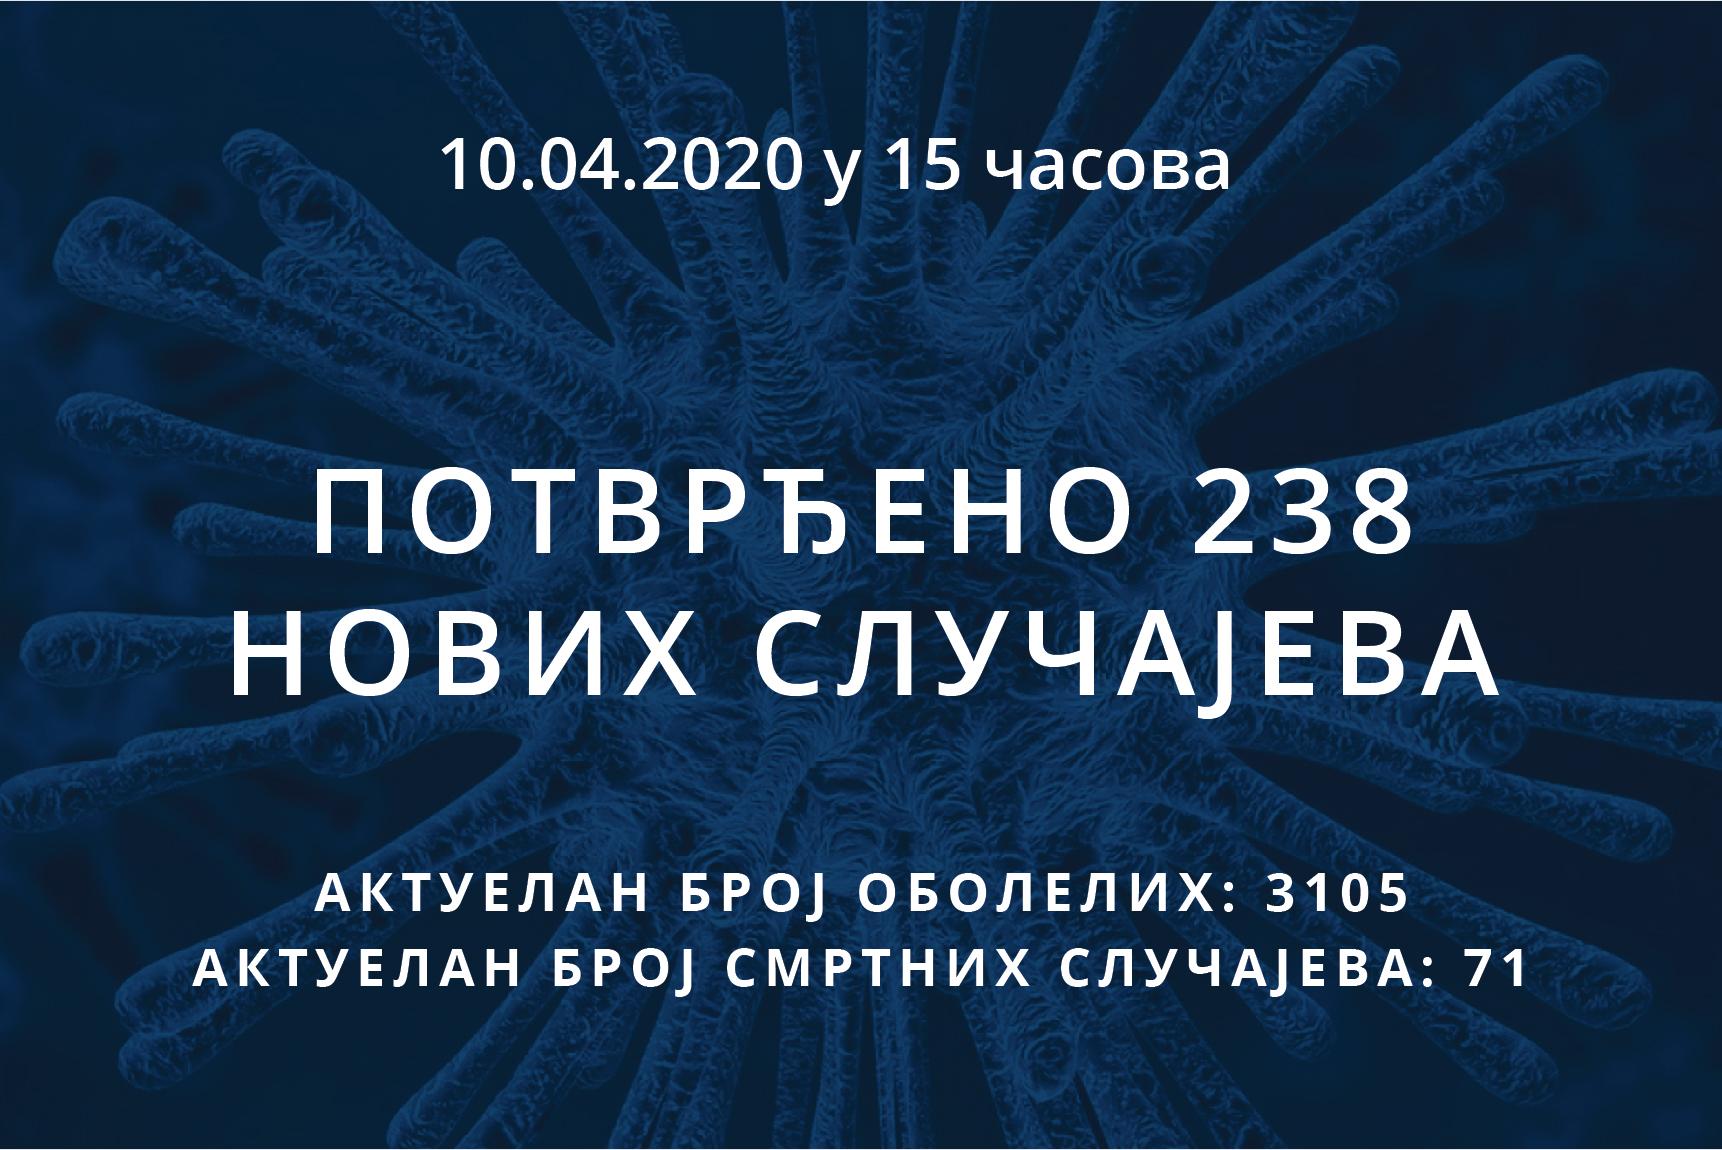 Информације о корона вирусу COVID-19, 10.04.2020 у 15 часова